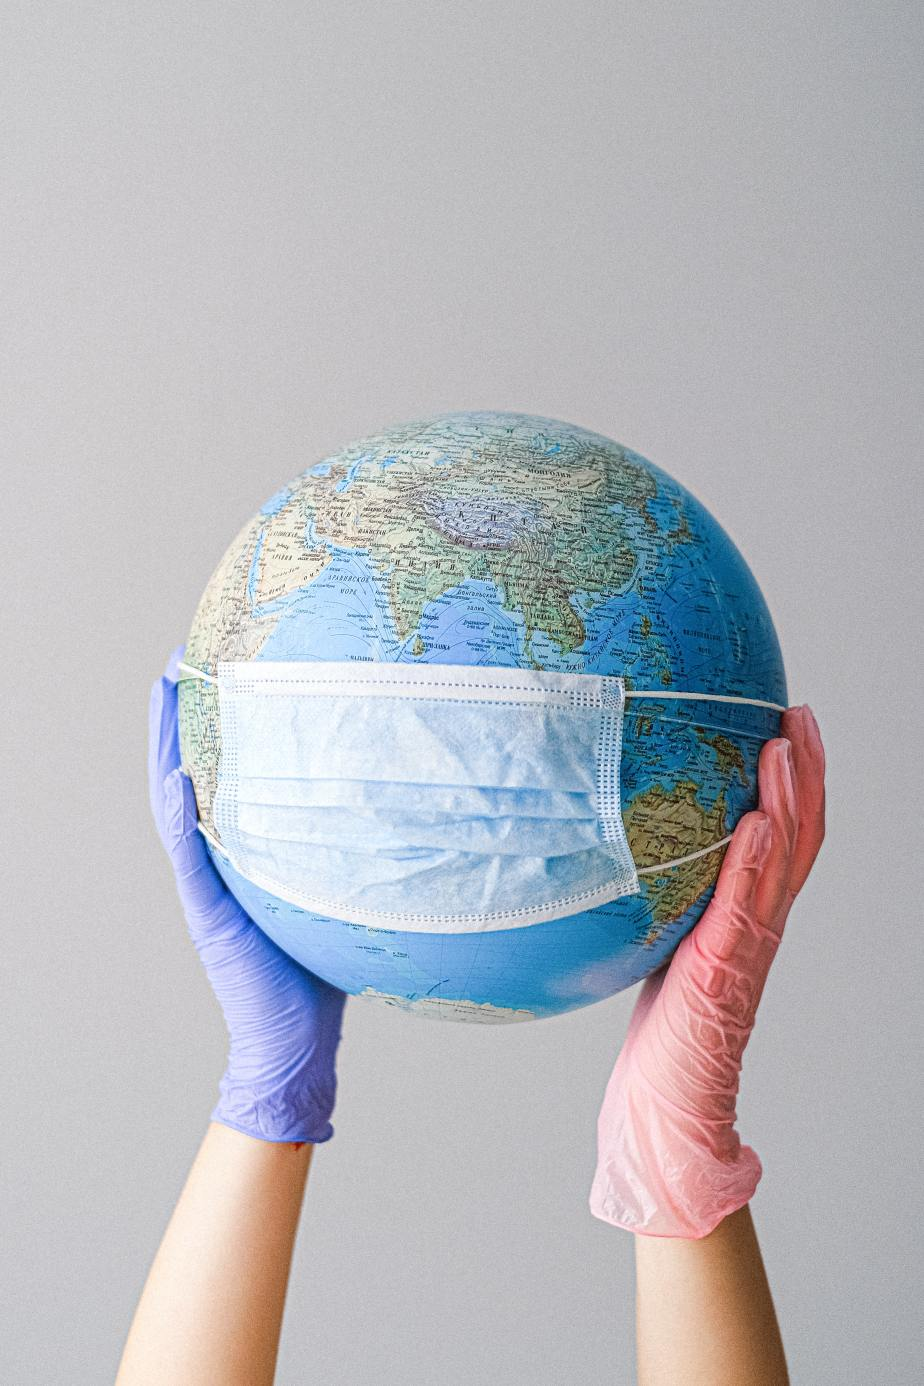 Migração em tempos de pandemia: O vírus que não reconhece fronteiras e as fronteiras que discriminam aspessoas.